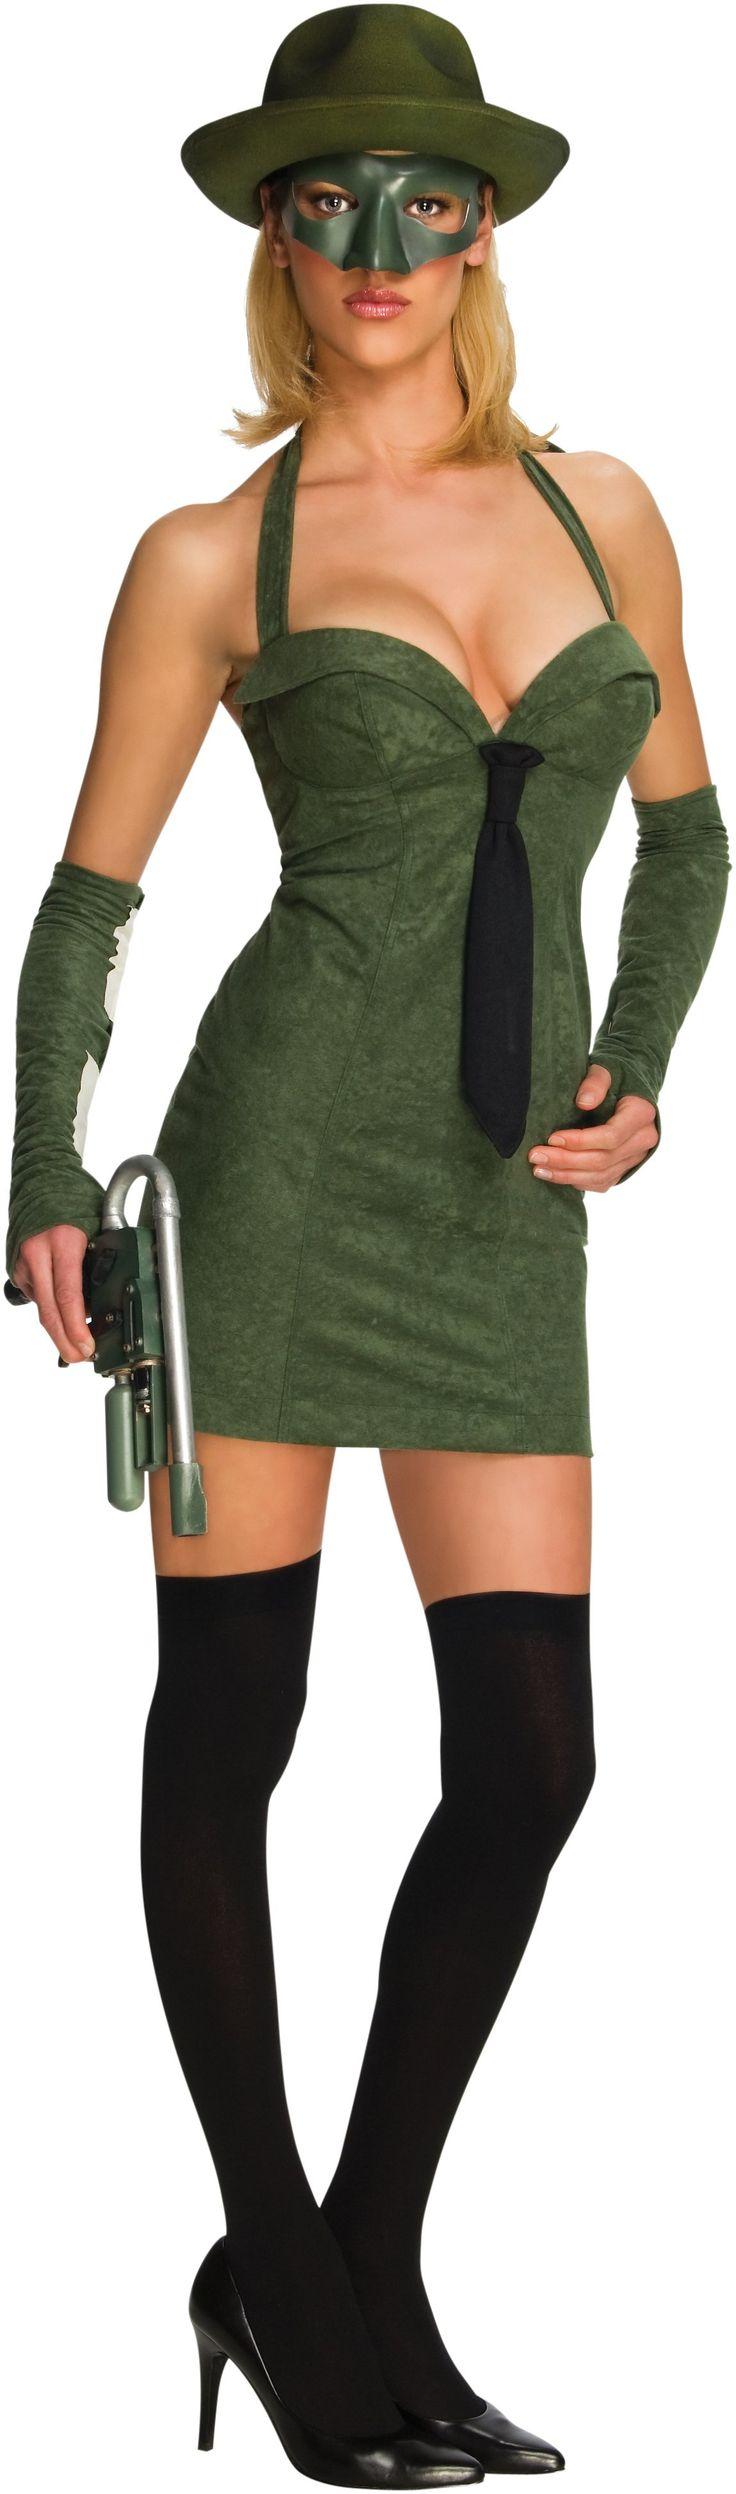 7 best Green Hornet Costumes images on Pinterest | Green hornet ...